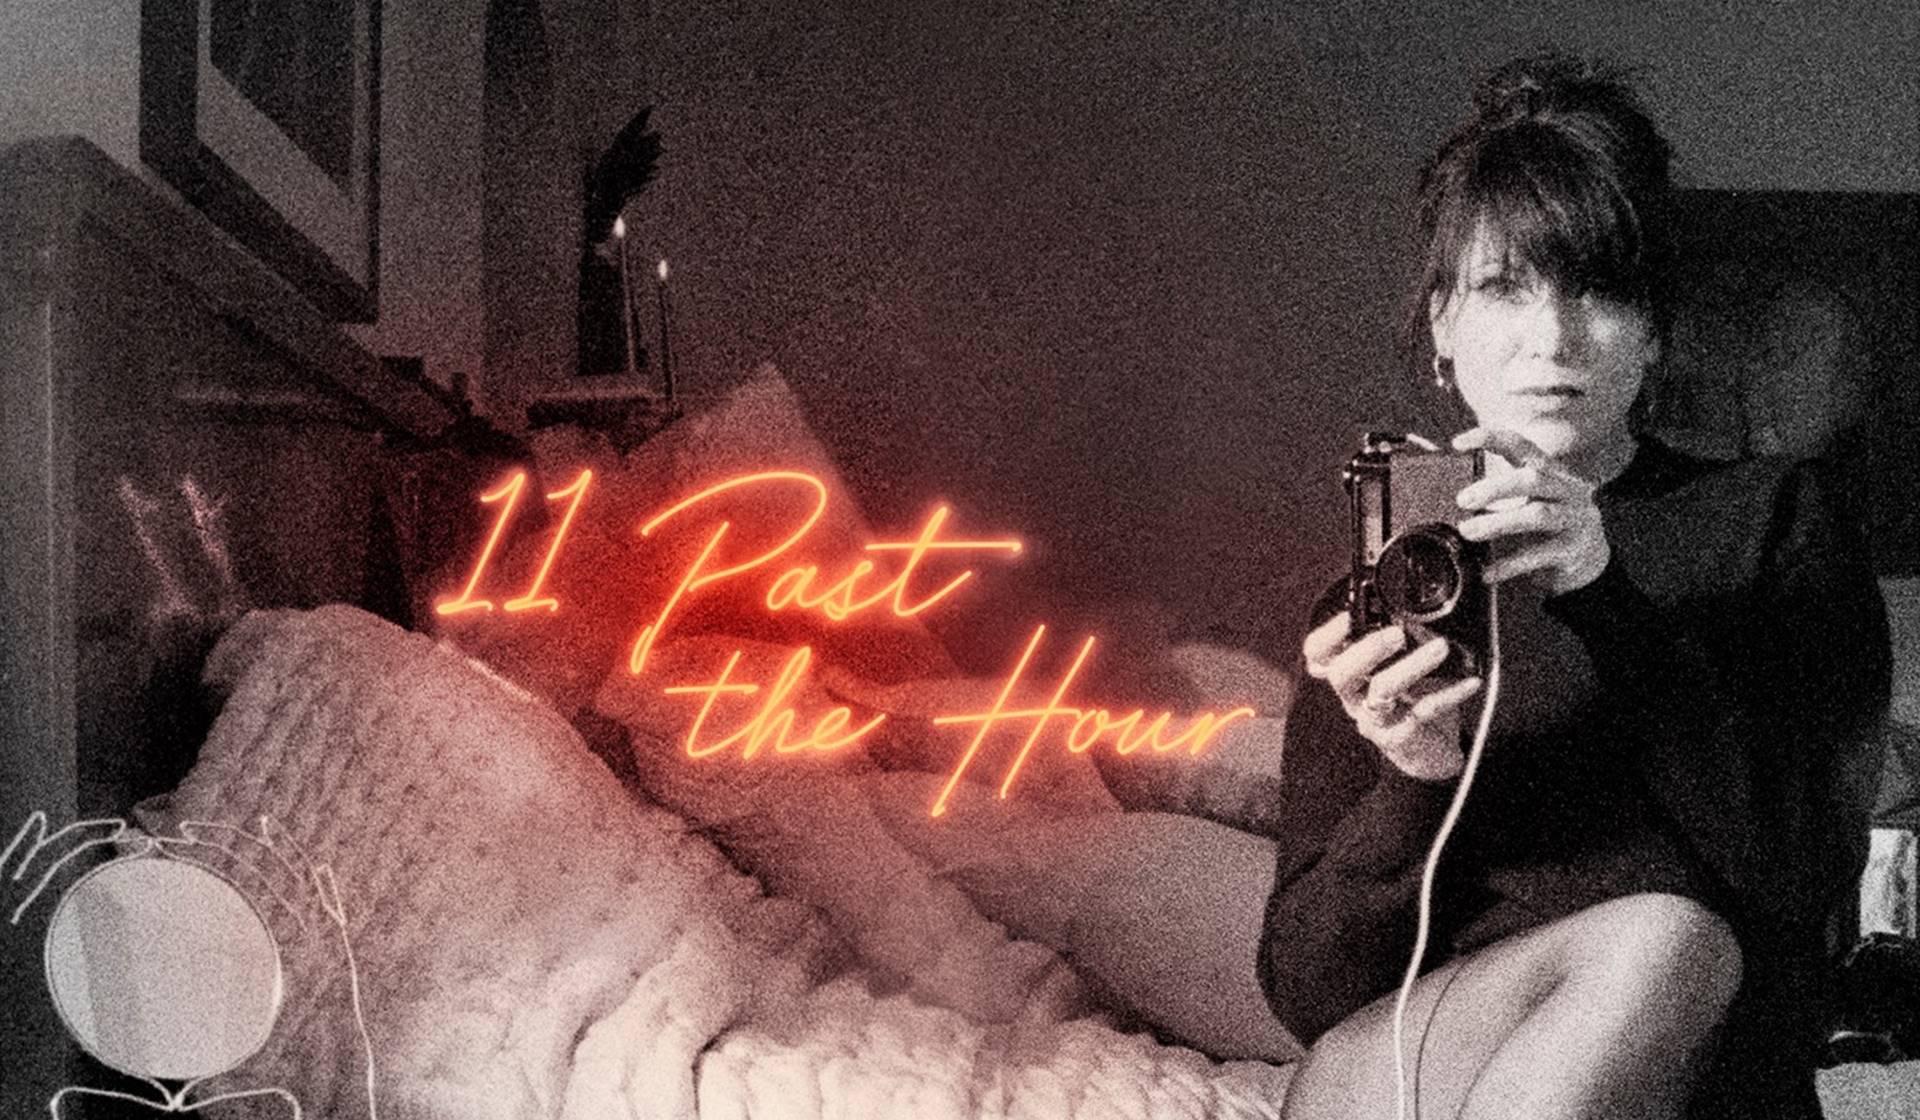 Nuevo disco de Imelda May '11 past de hour'